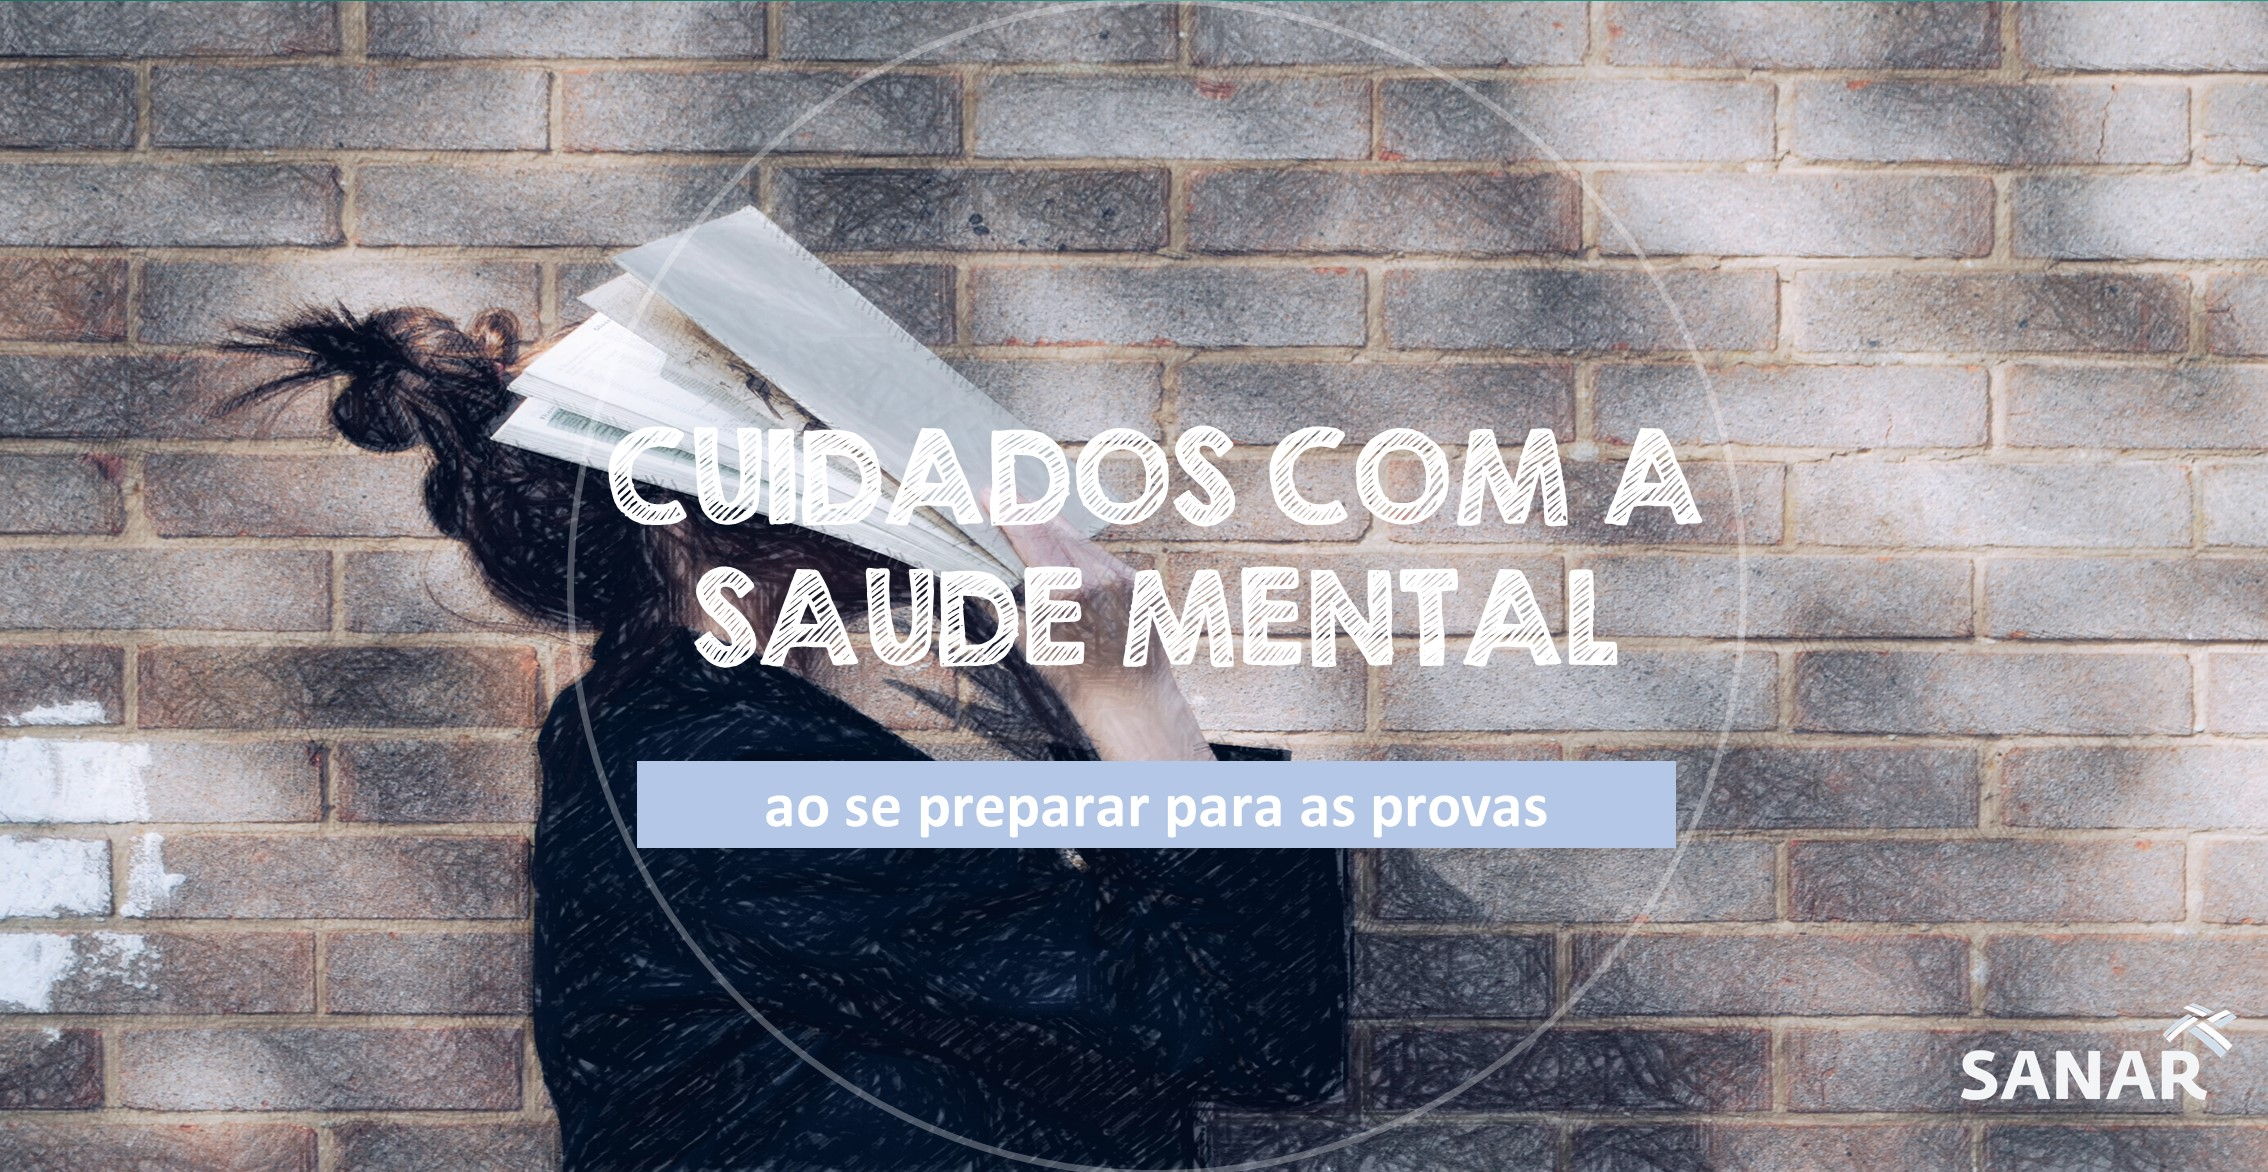 cuidado-saude-mental-preparacao-concursos-foto-siora-photography-unsplash.jpg (771 KB)